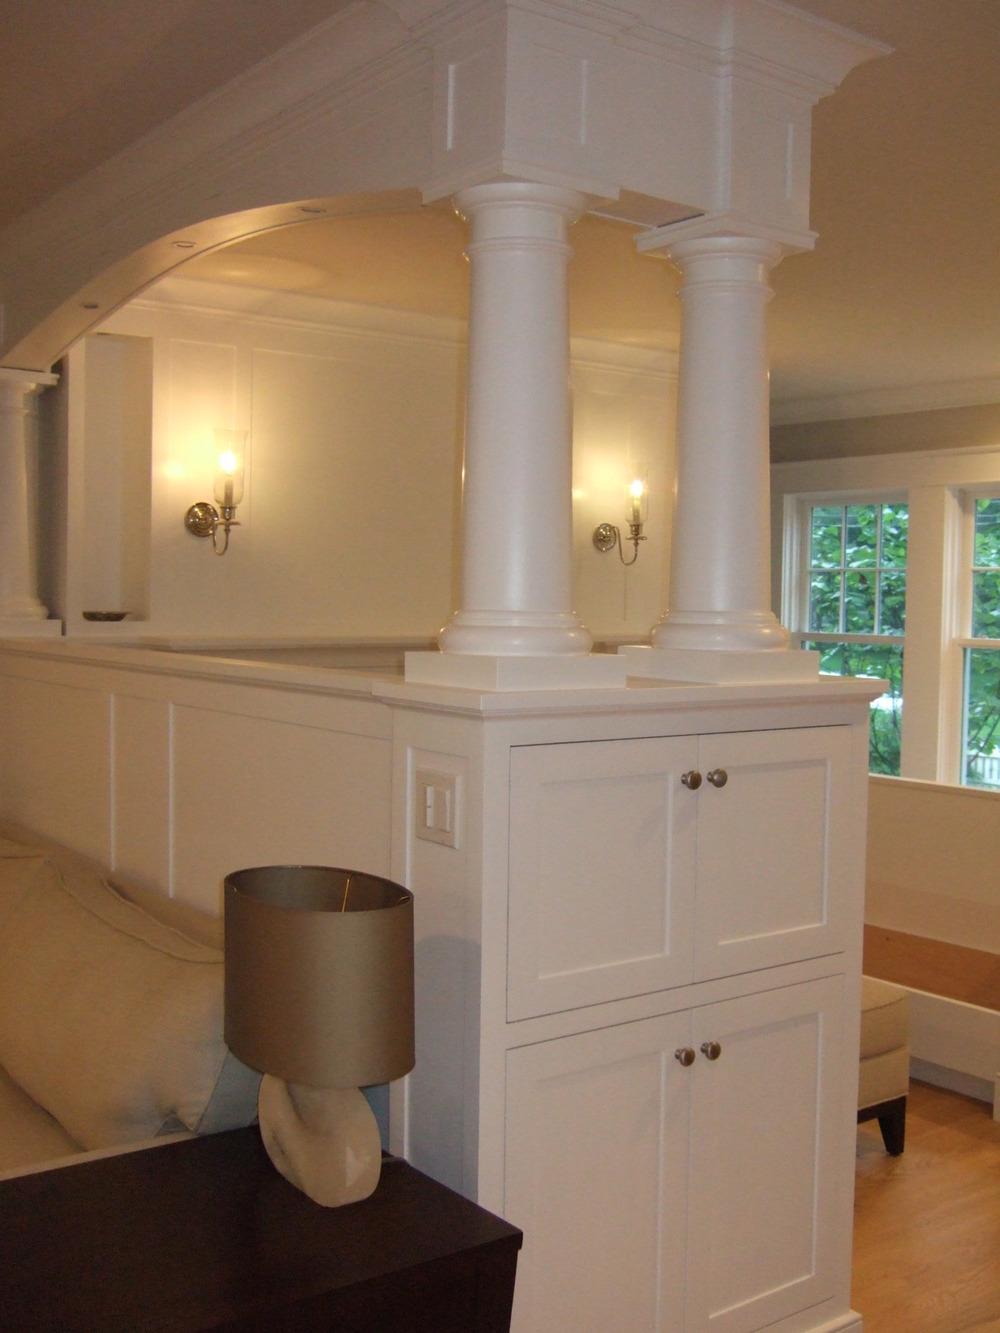 Darien LEED Home - Inglenook columns cabinets